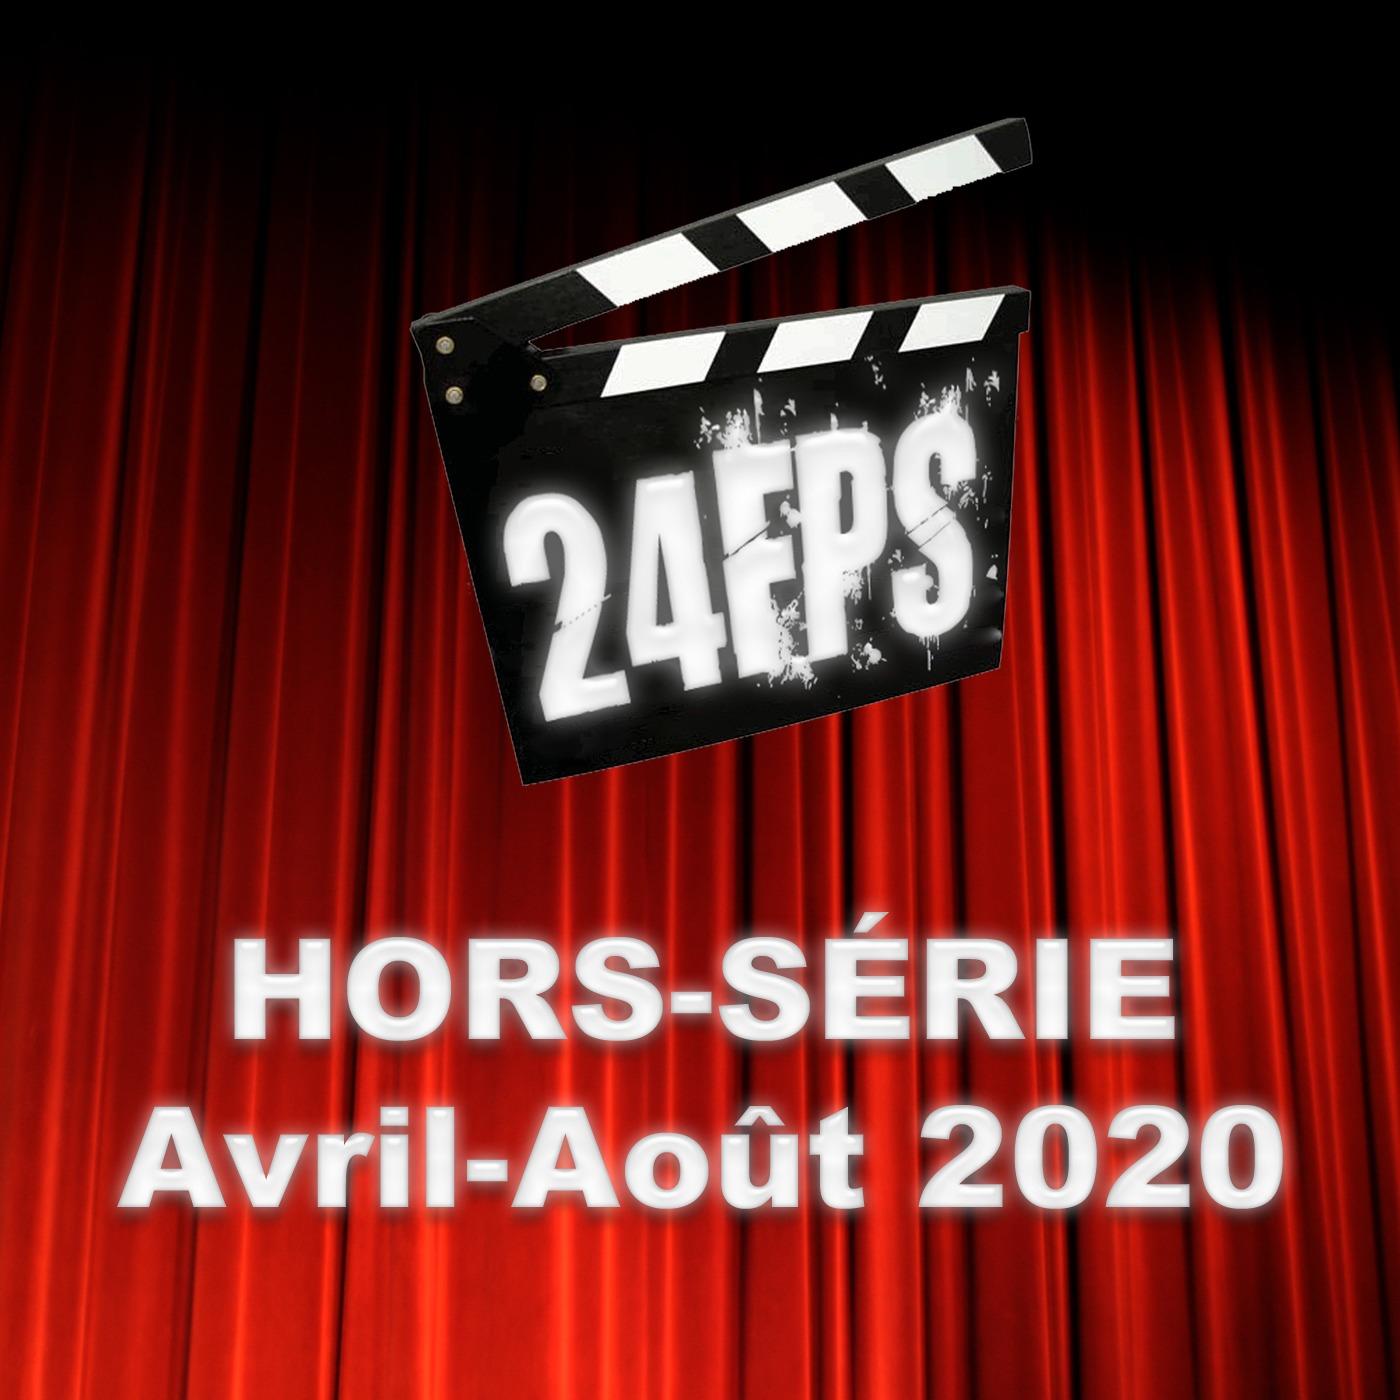 24FPS HS Avril - Août 2020